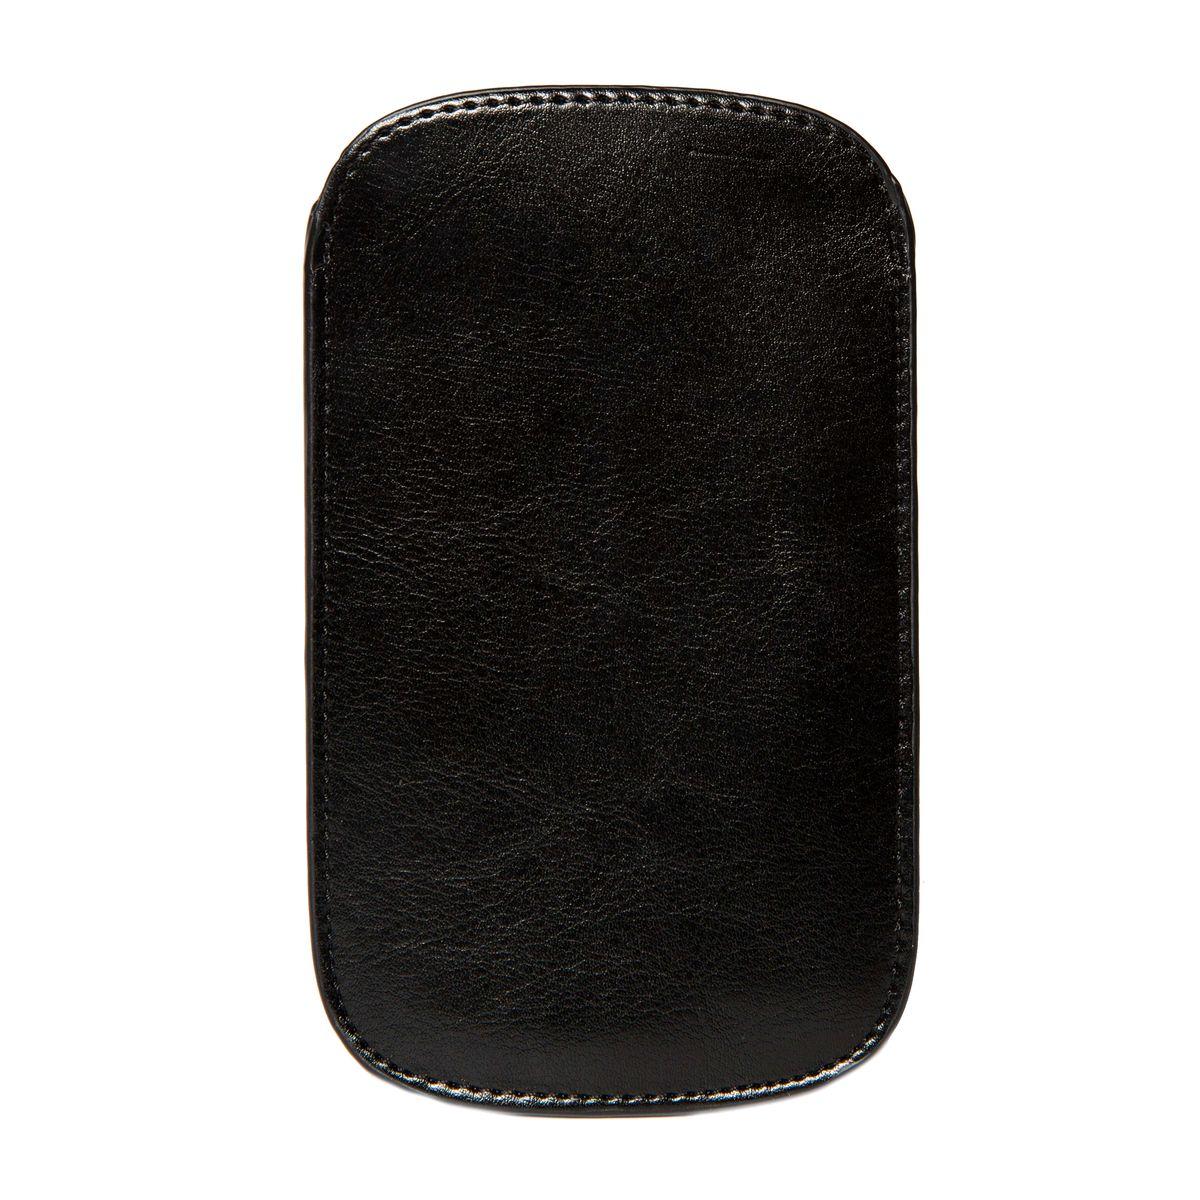 Mitya Veselkov кожаный чехол для Apple iPhone 6/6s, BlackIP6.МITYA-225Оденьте свой любимый iPhone! Чехол для Вашего iPhone не просто средство защиты от царапин и внешних повреждений, но и модный аксессуар, который сделает Ваш образ завершенным. Чехол для моделей Apple IPhone 6.